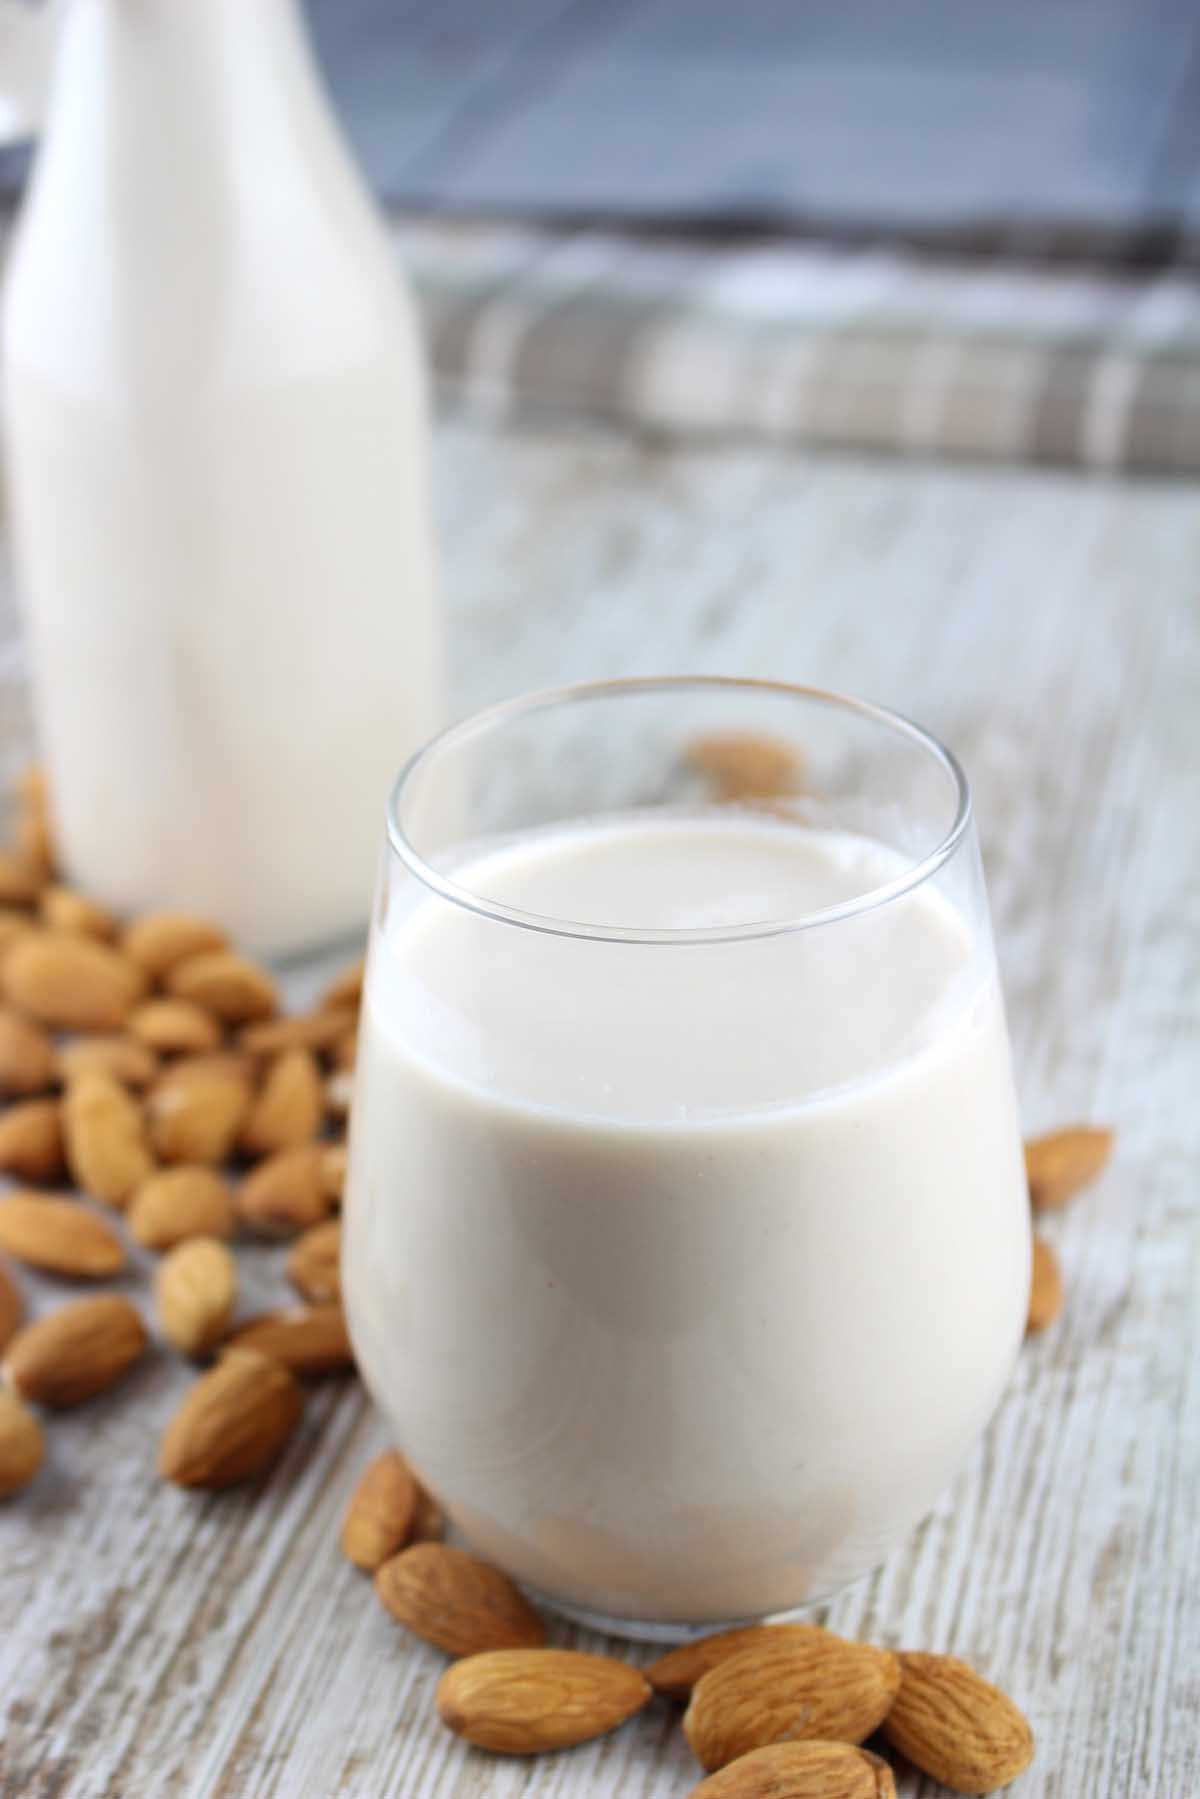 Leche de almendras. Cómo hacer leche vegetal sin lactosa